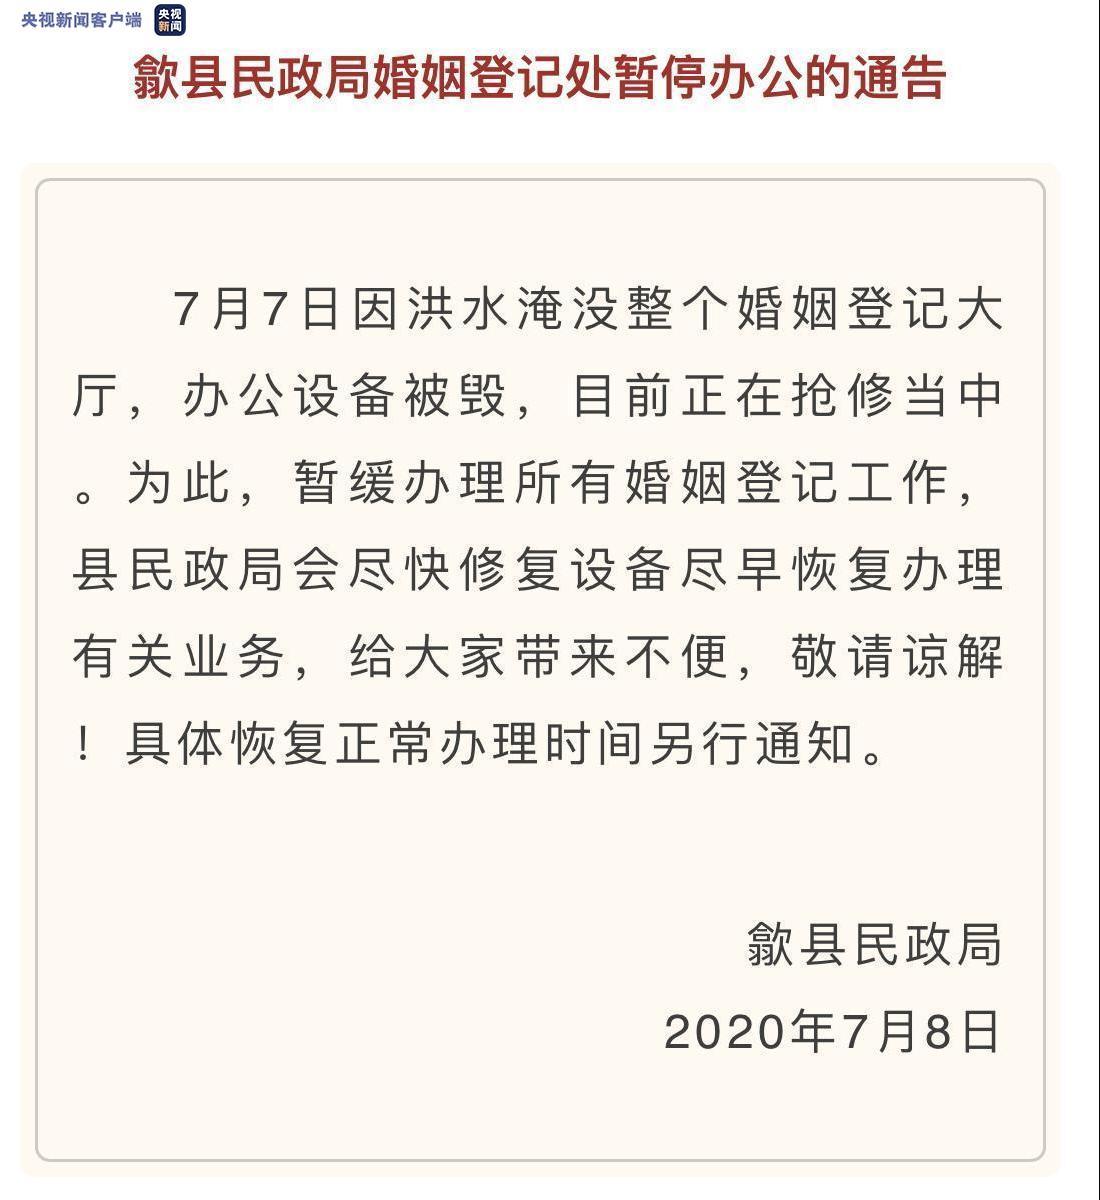 公设备摩鑫开户被洪水冲毁婚姻登记业务暂,摩鑫开户图片